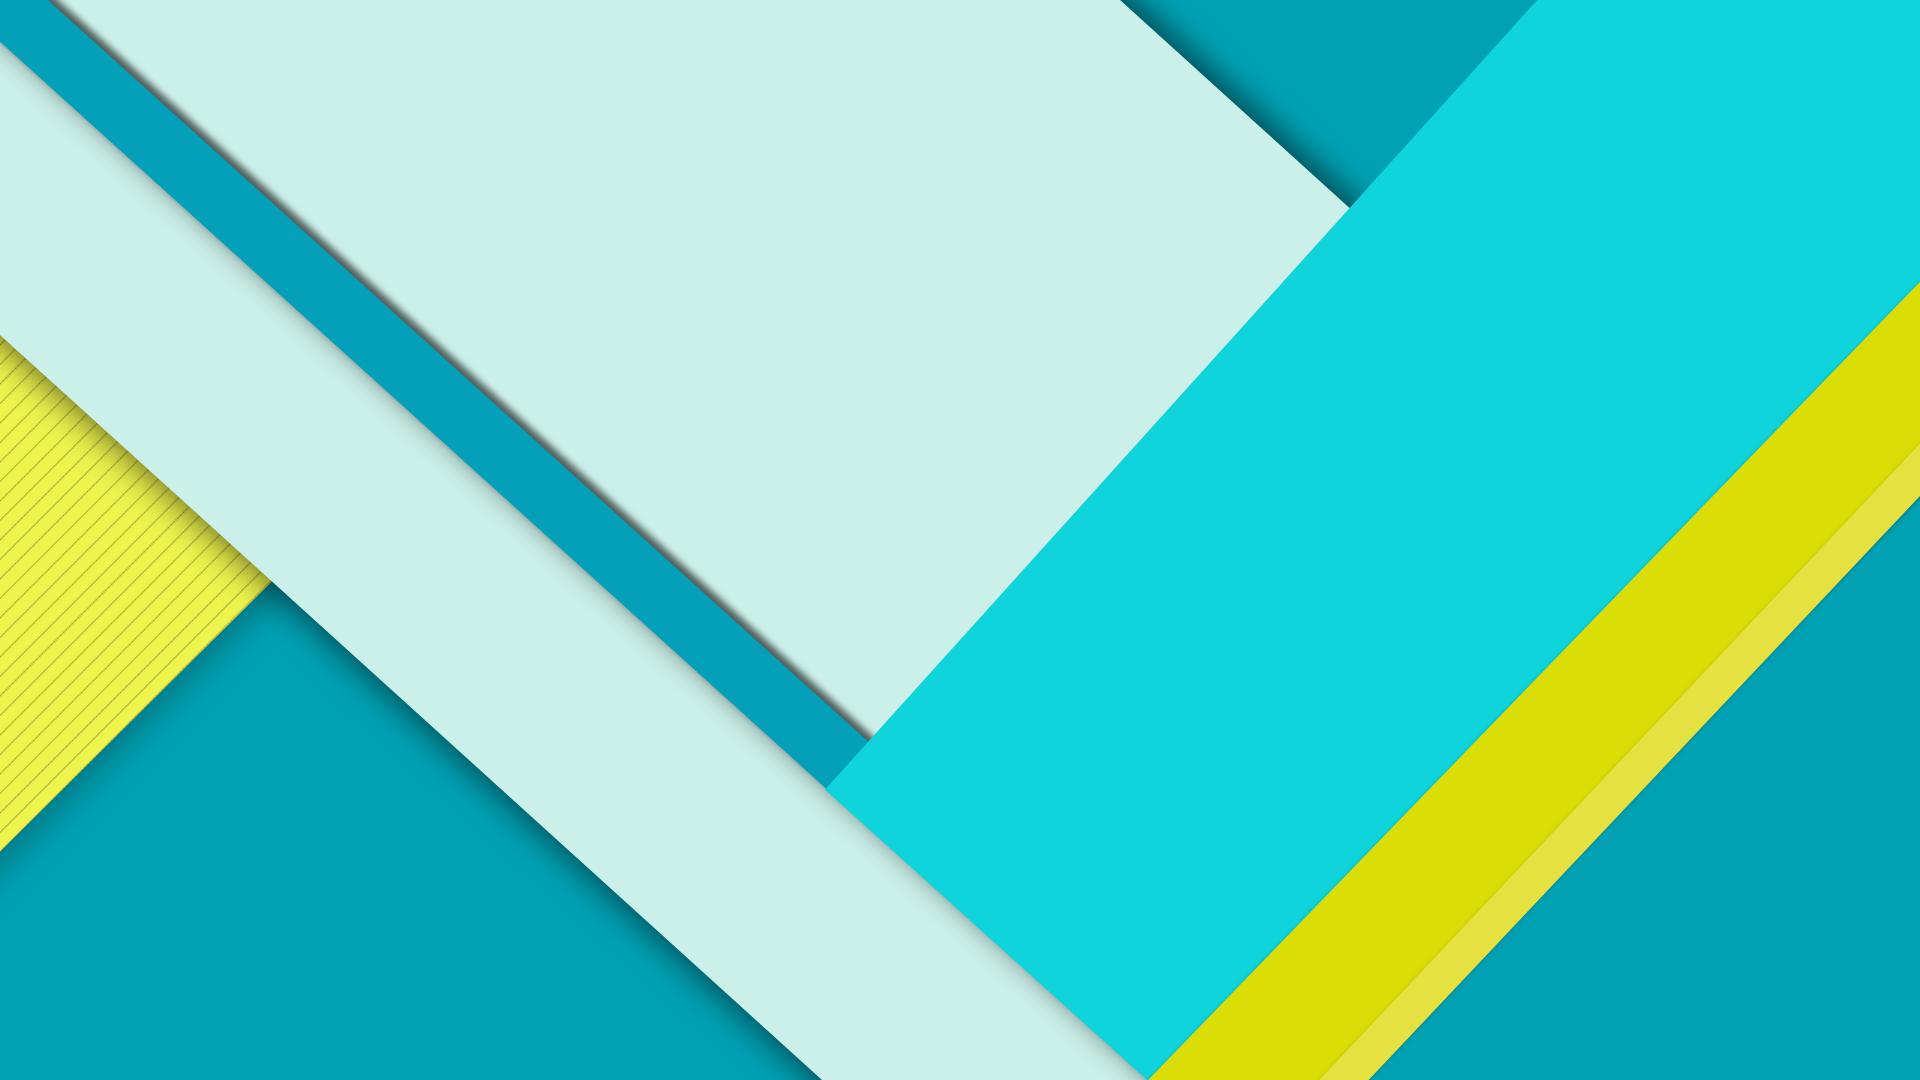 80 google material design hd wallpapers vigorous art for Sfondi material design